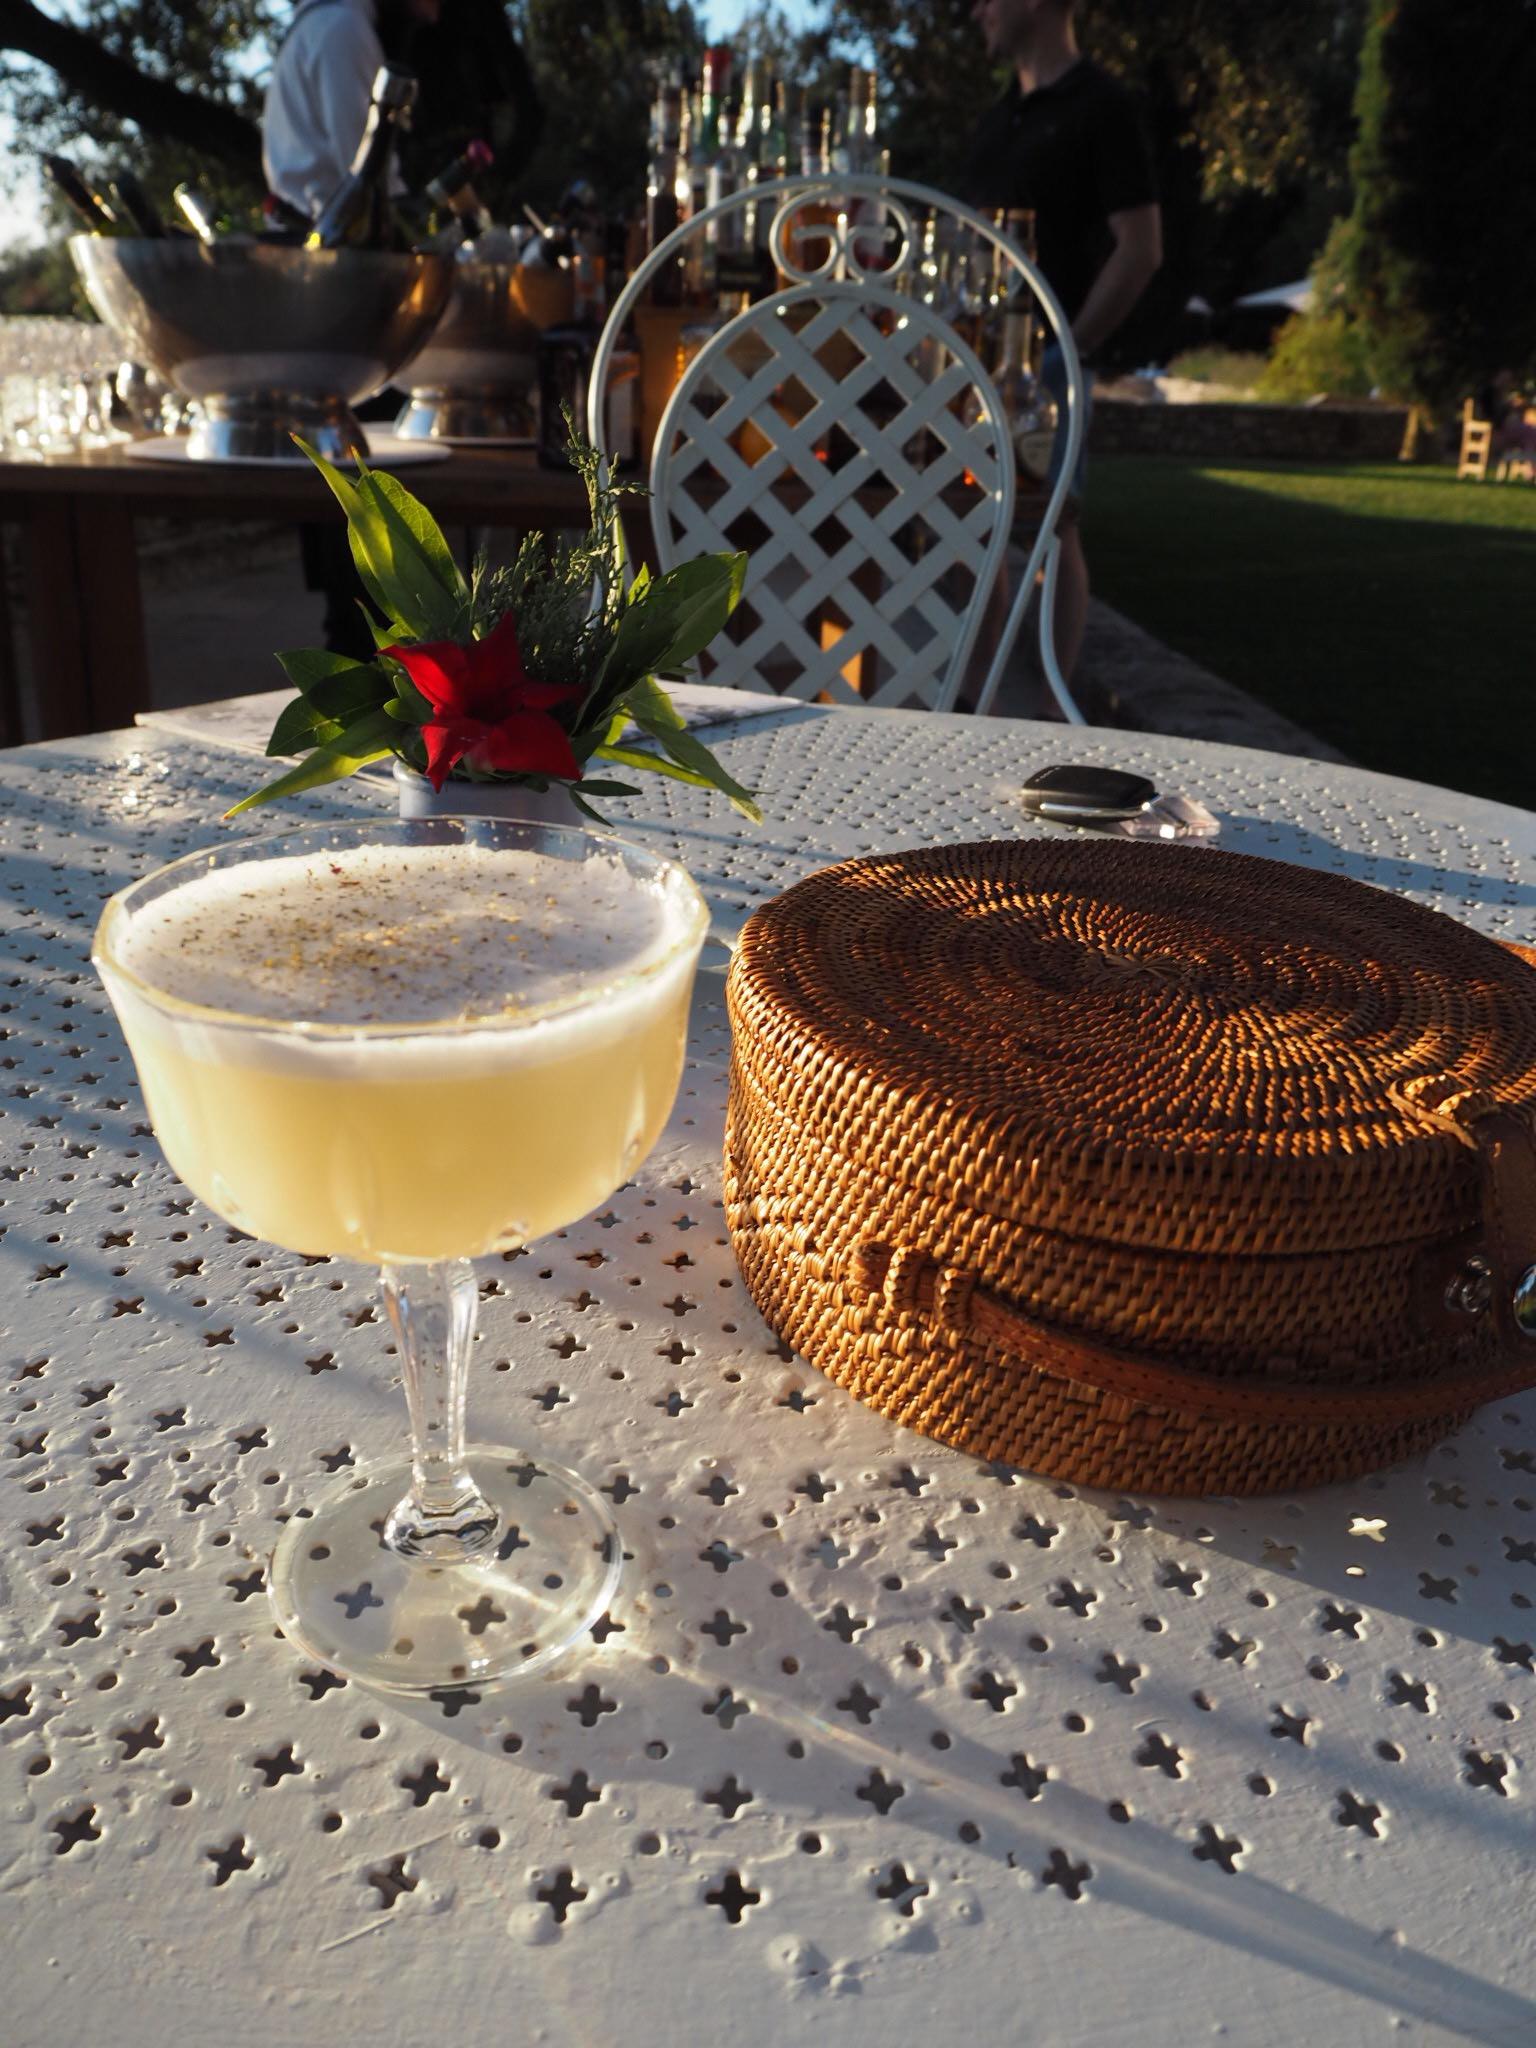 The Mediteranneo cocktail